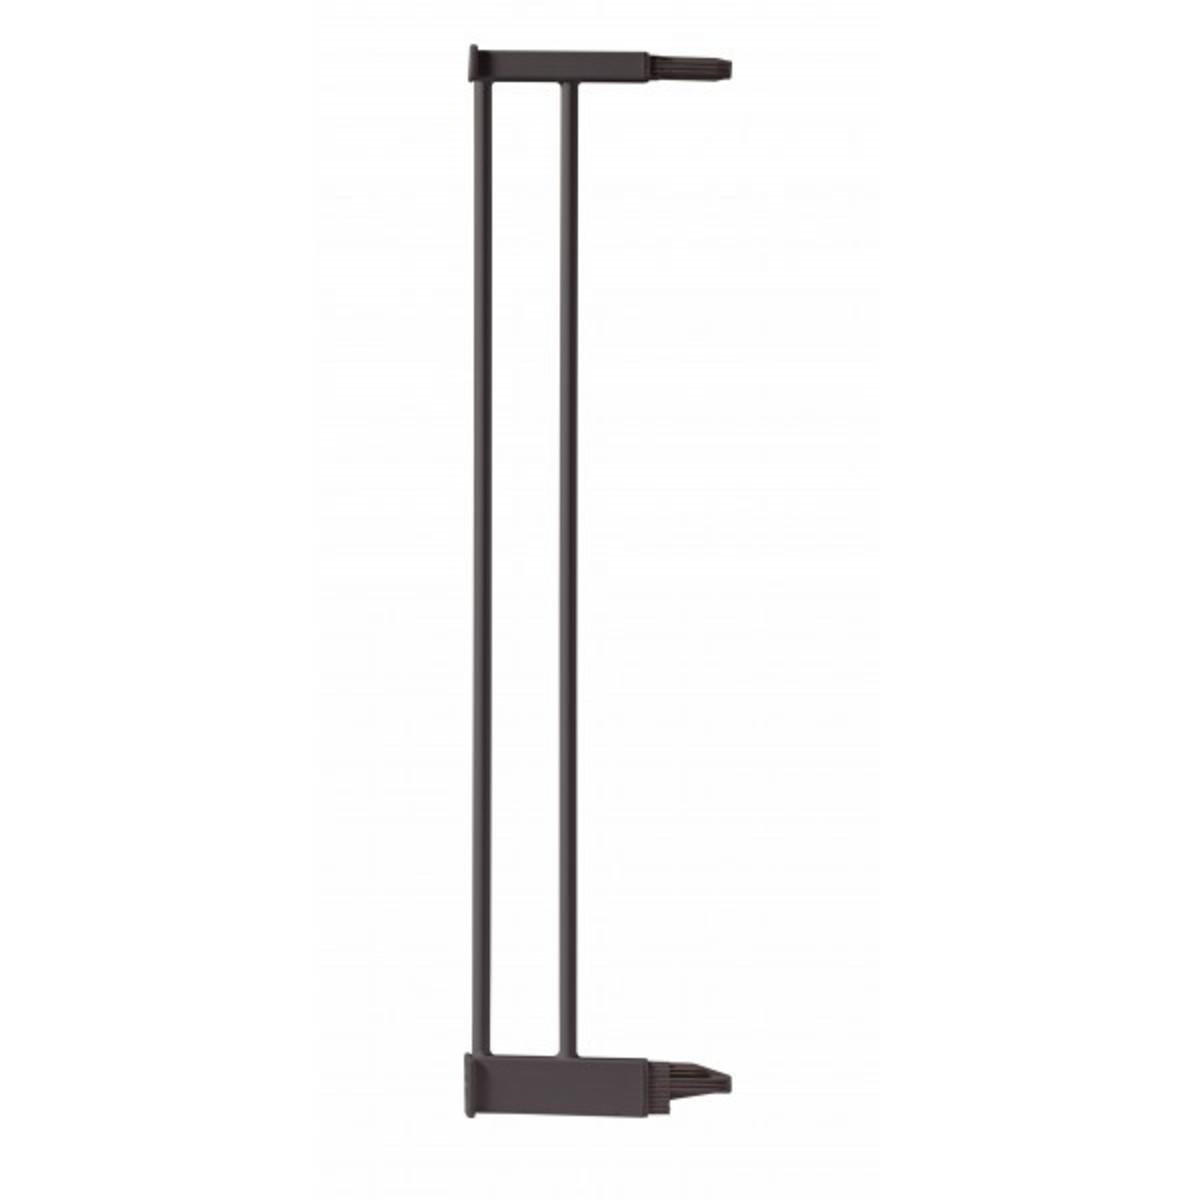 bellemont extension pour barri re de porte 12 4 cm m tal brun barri re de s curit bellemont. Black Bedroom Furniture Sets. Home Design Ideas